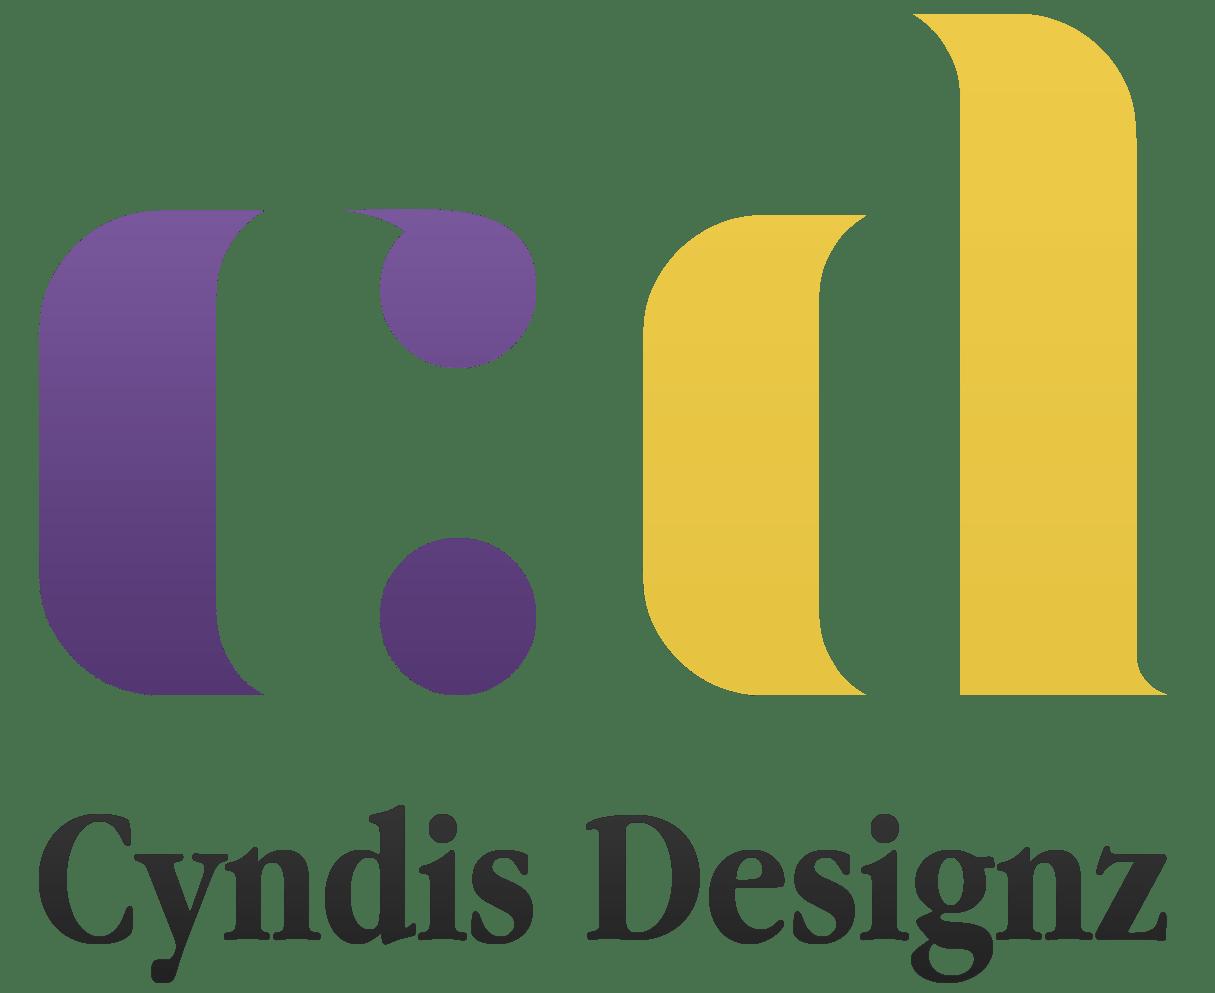 Cyndi's Designz